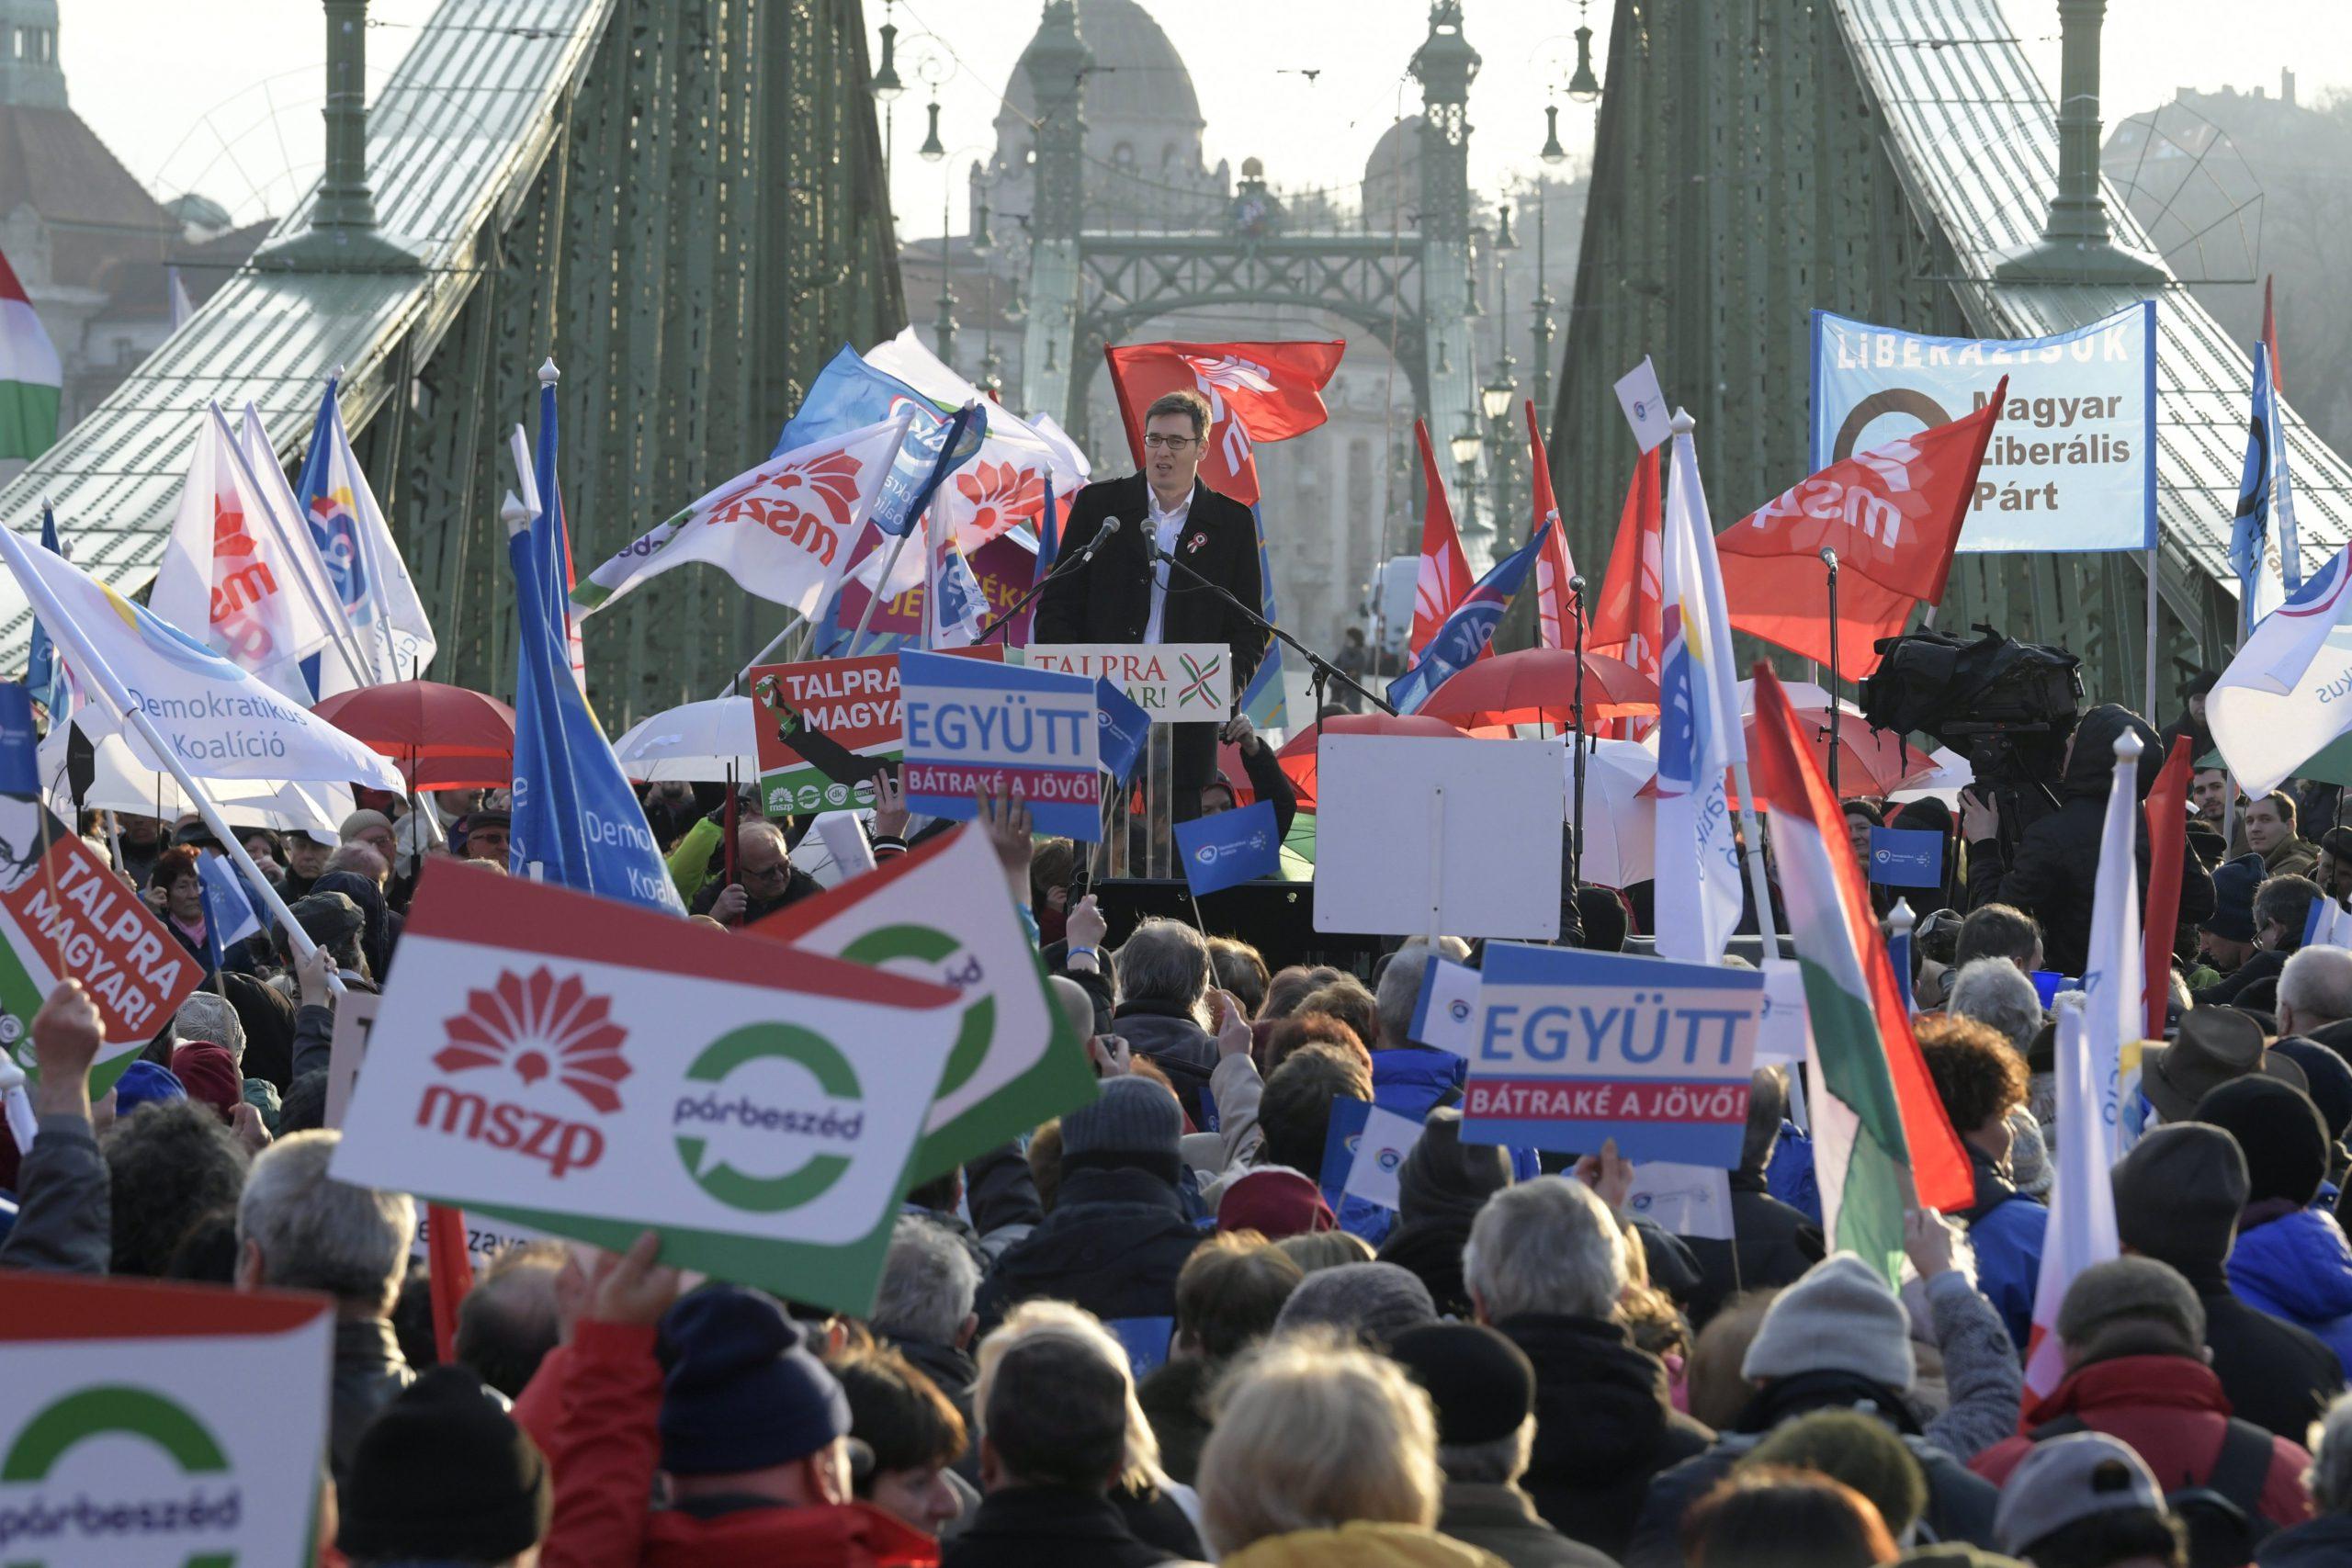 Gyurcsány és Karácsony kész együttműködni a Jobbikkal